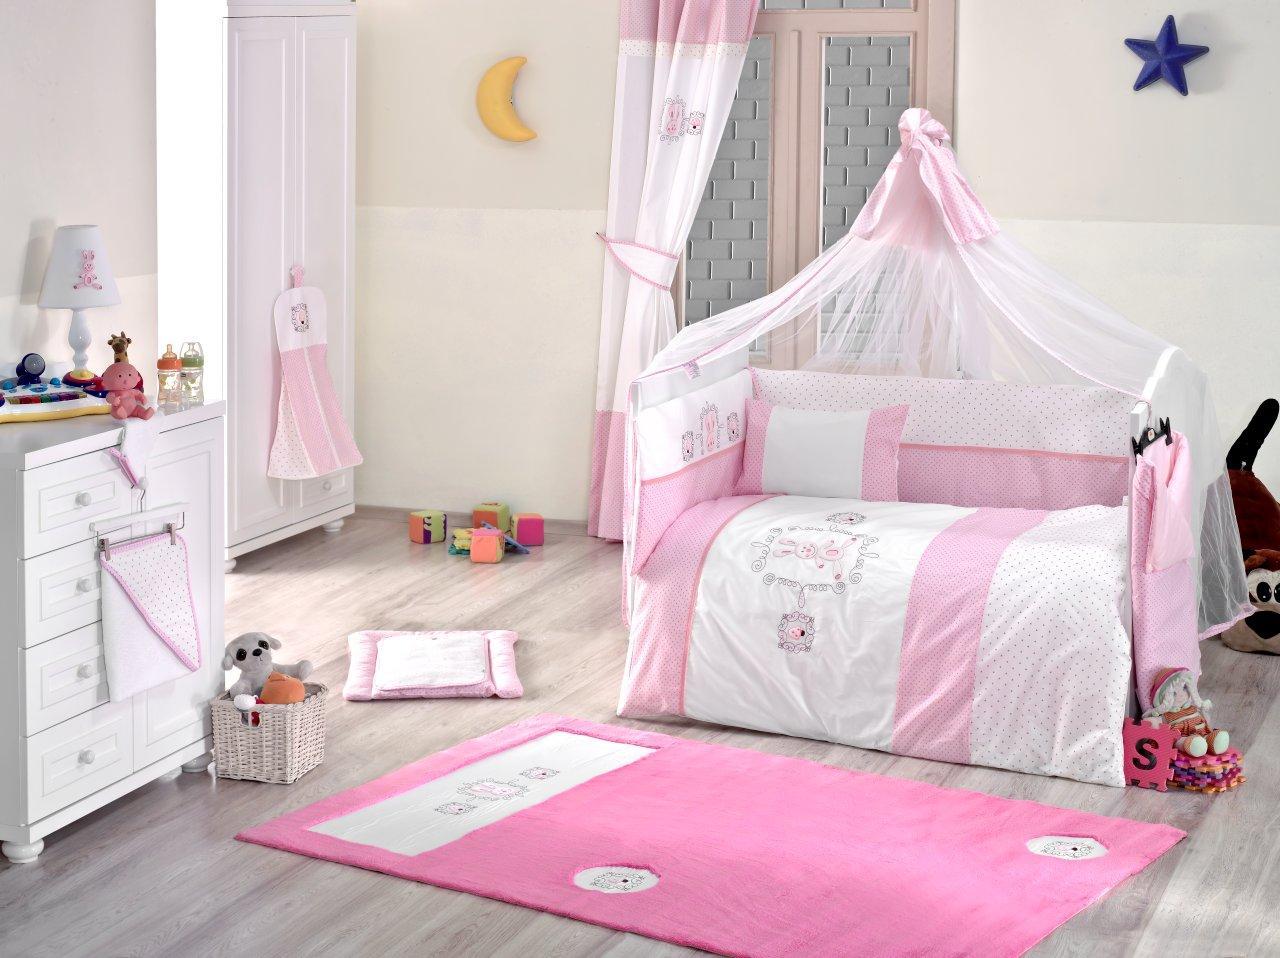 Балдахин серии Rabitto, 150 х 450 см, розовыйДетское постельное белье<br>Балдахин серии Rabitto, 150 х 450 см, розовый<br>